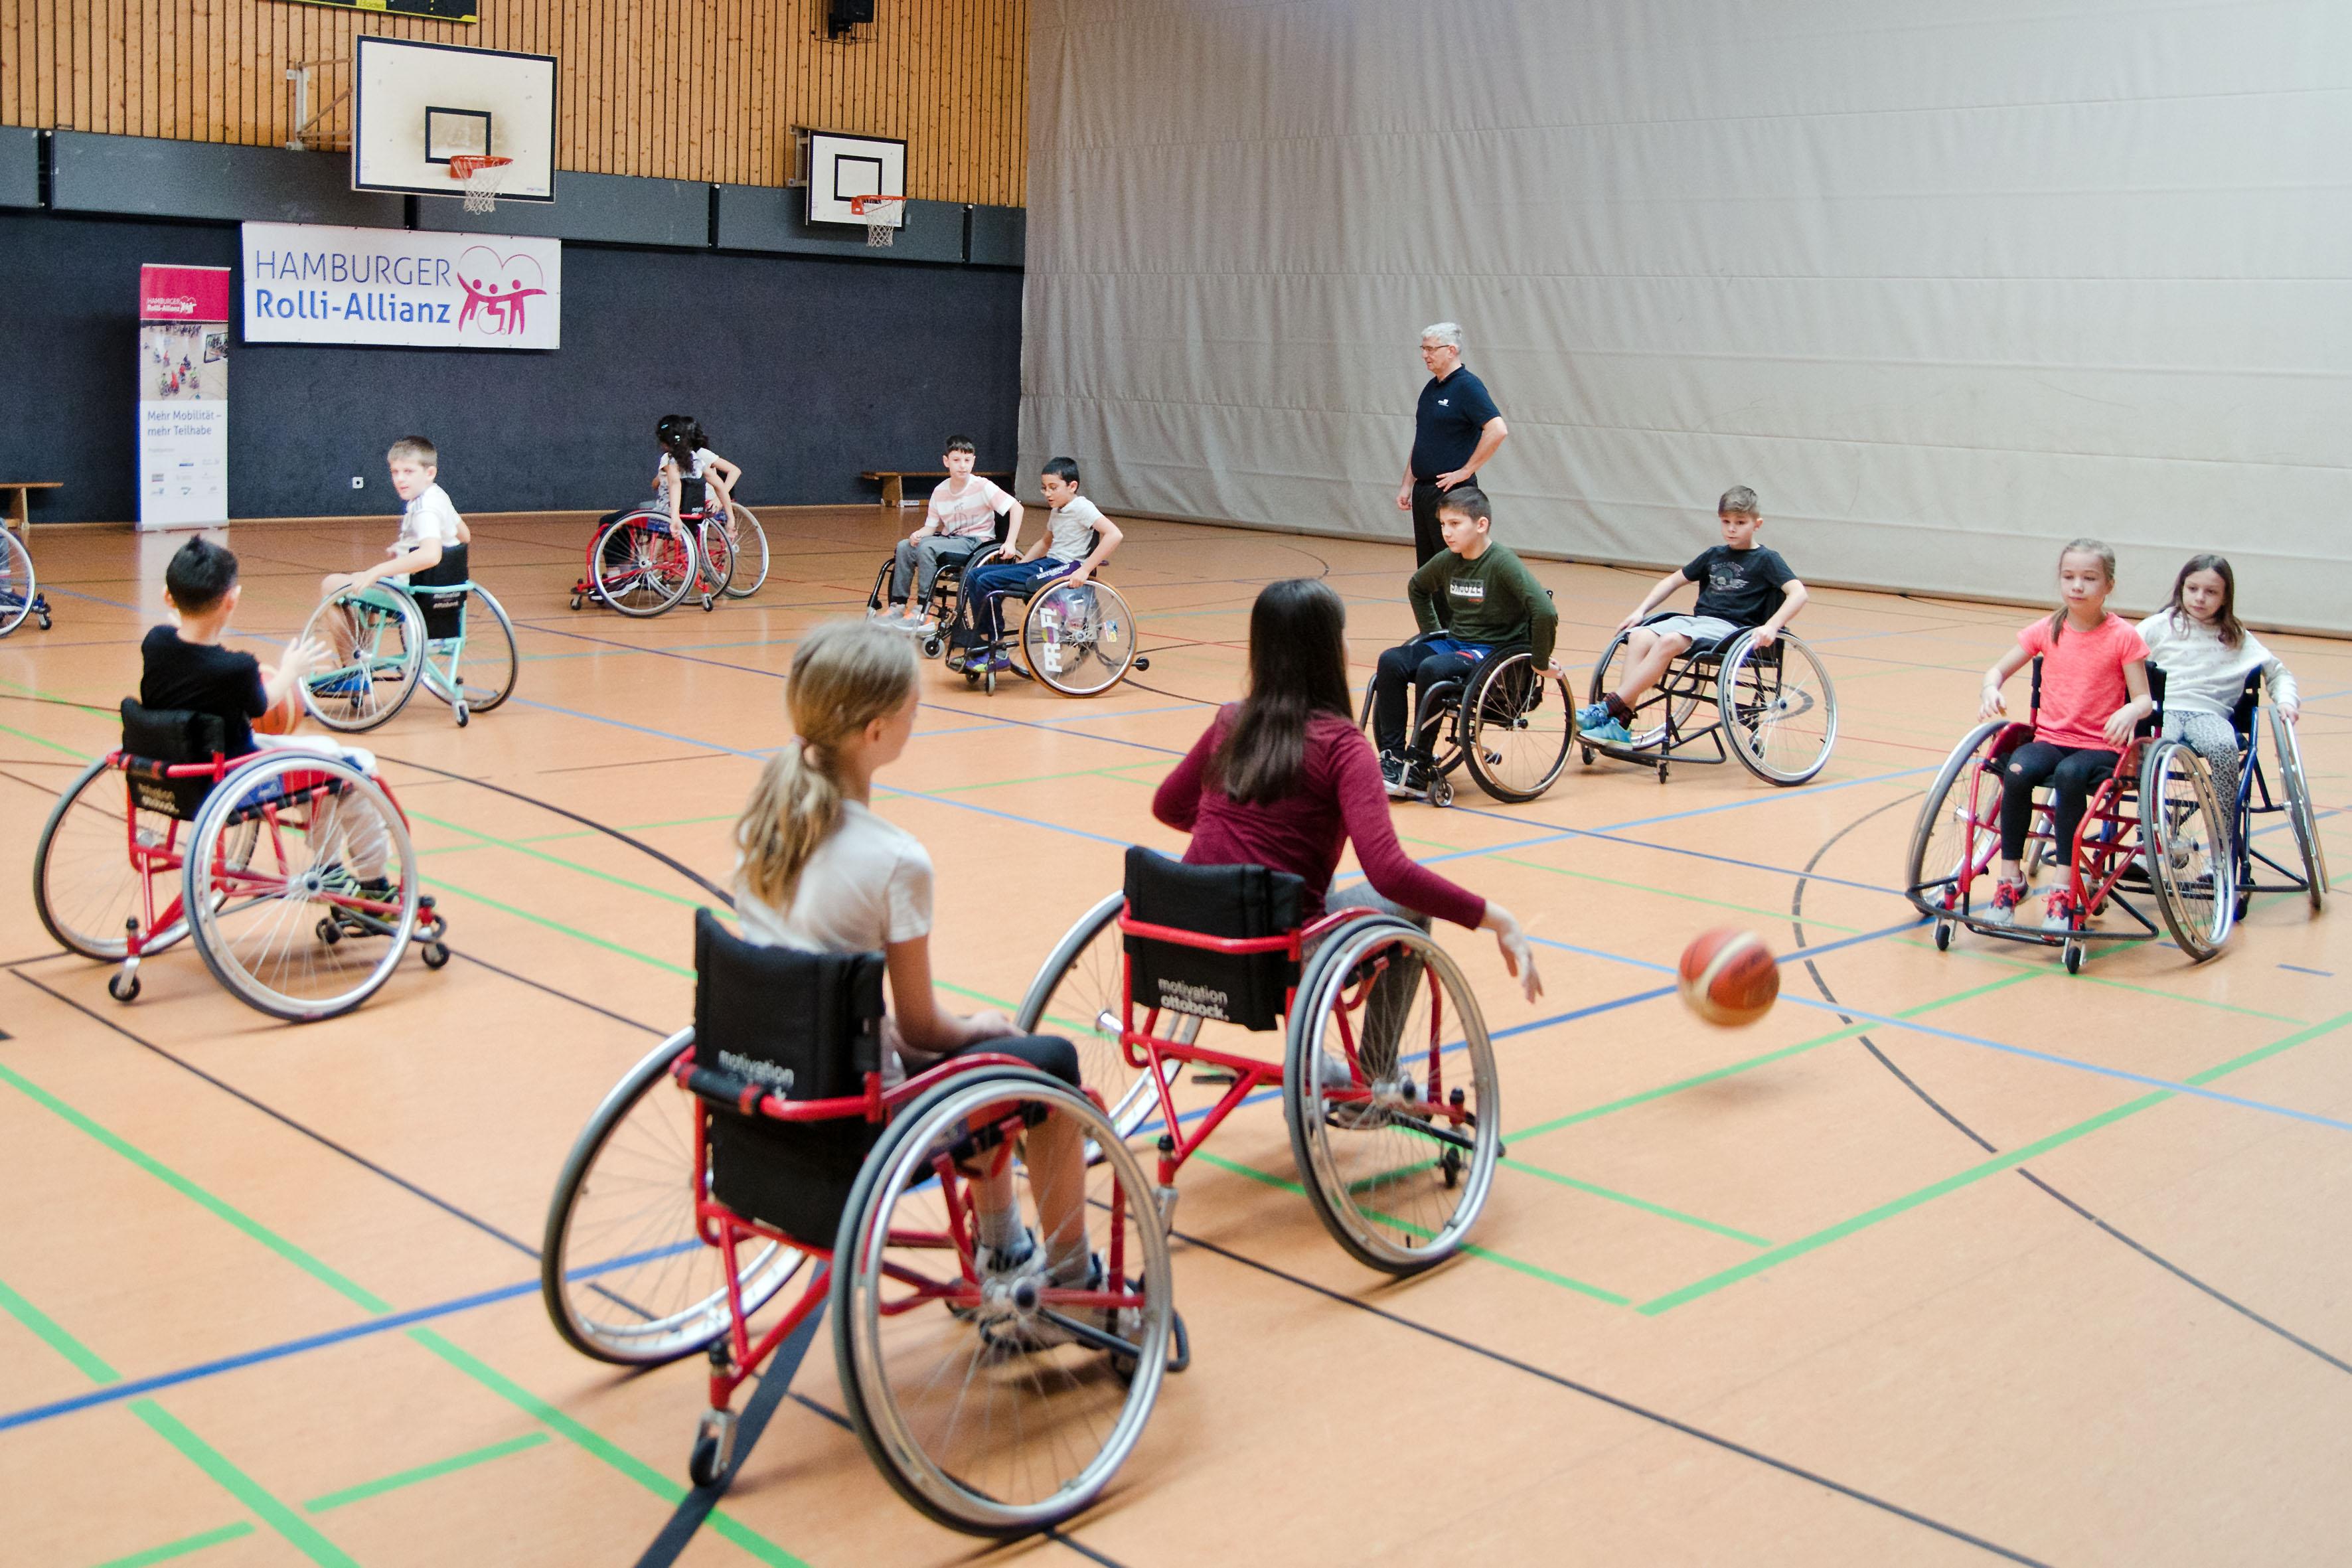 20200115_HH-Rolli-Allianz_Sport_3